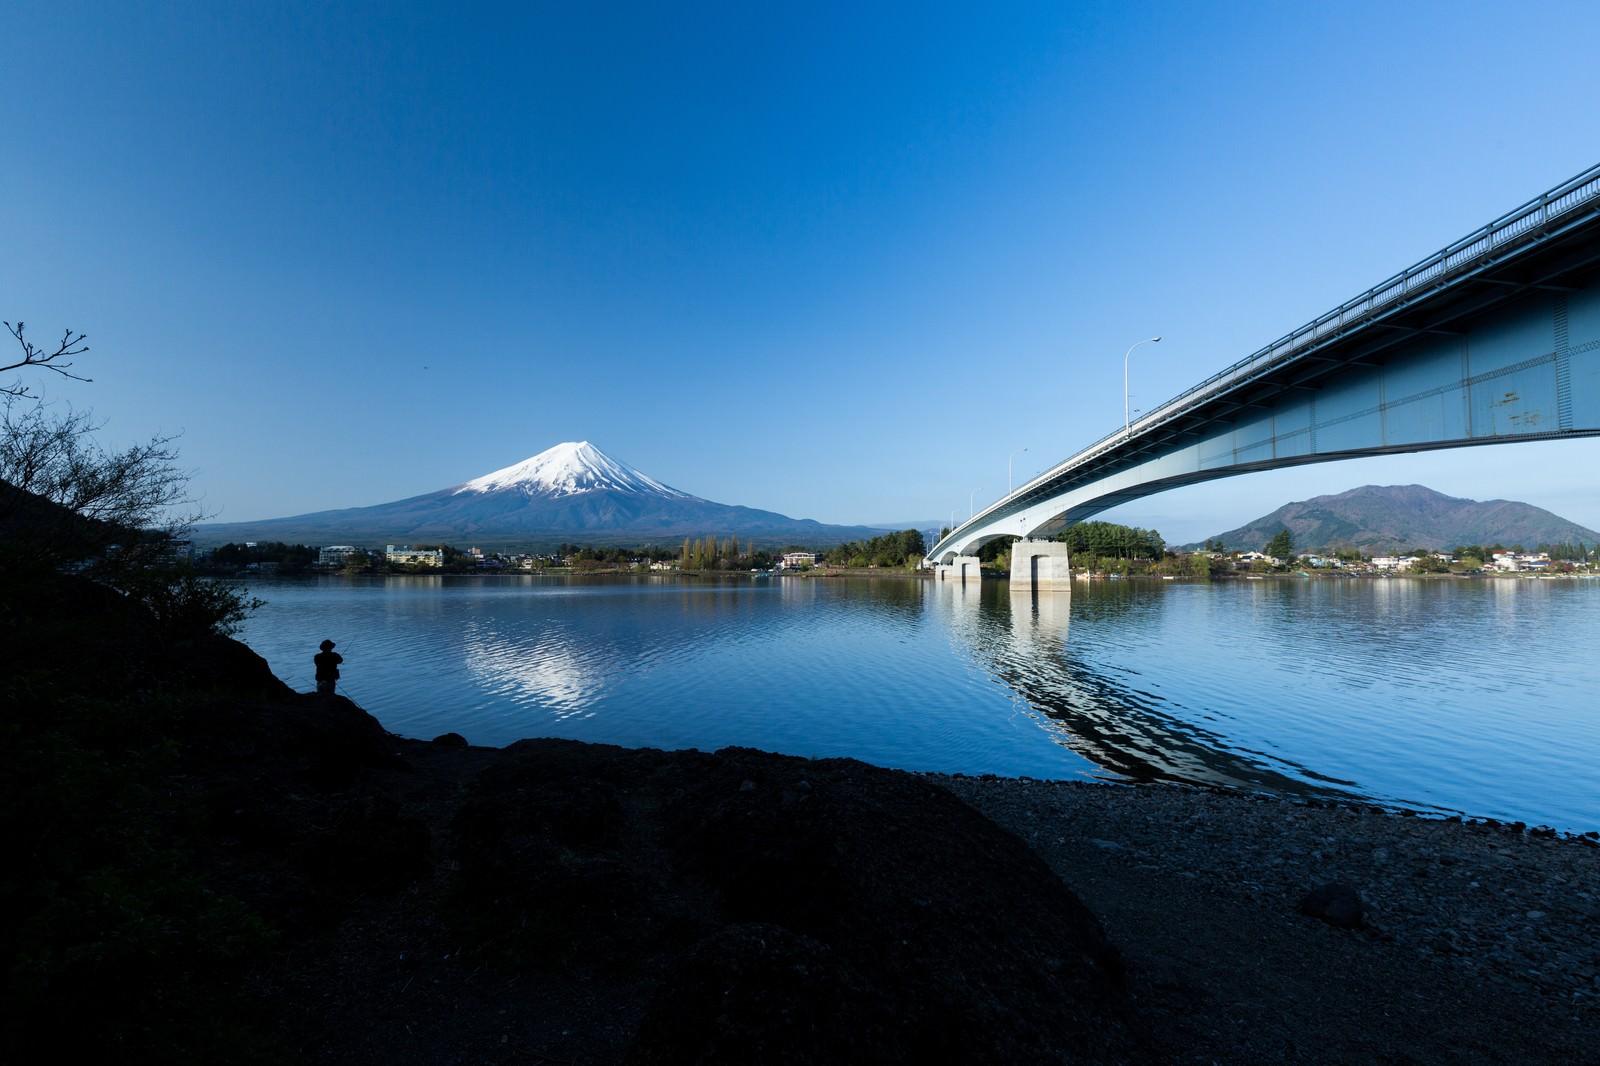 「河口湖と富士山河口湖と富士山」のフリー写真素材を拡大